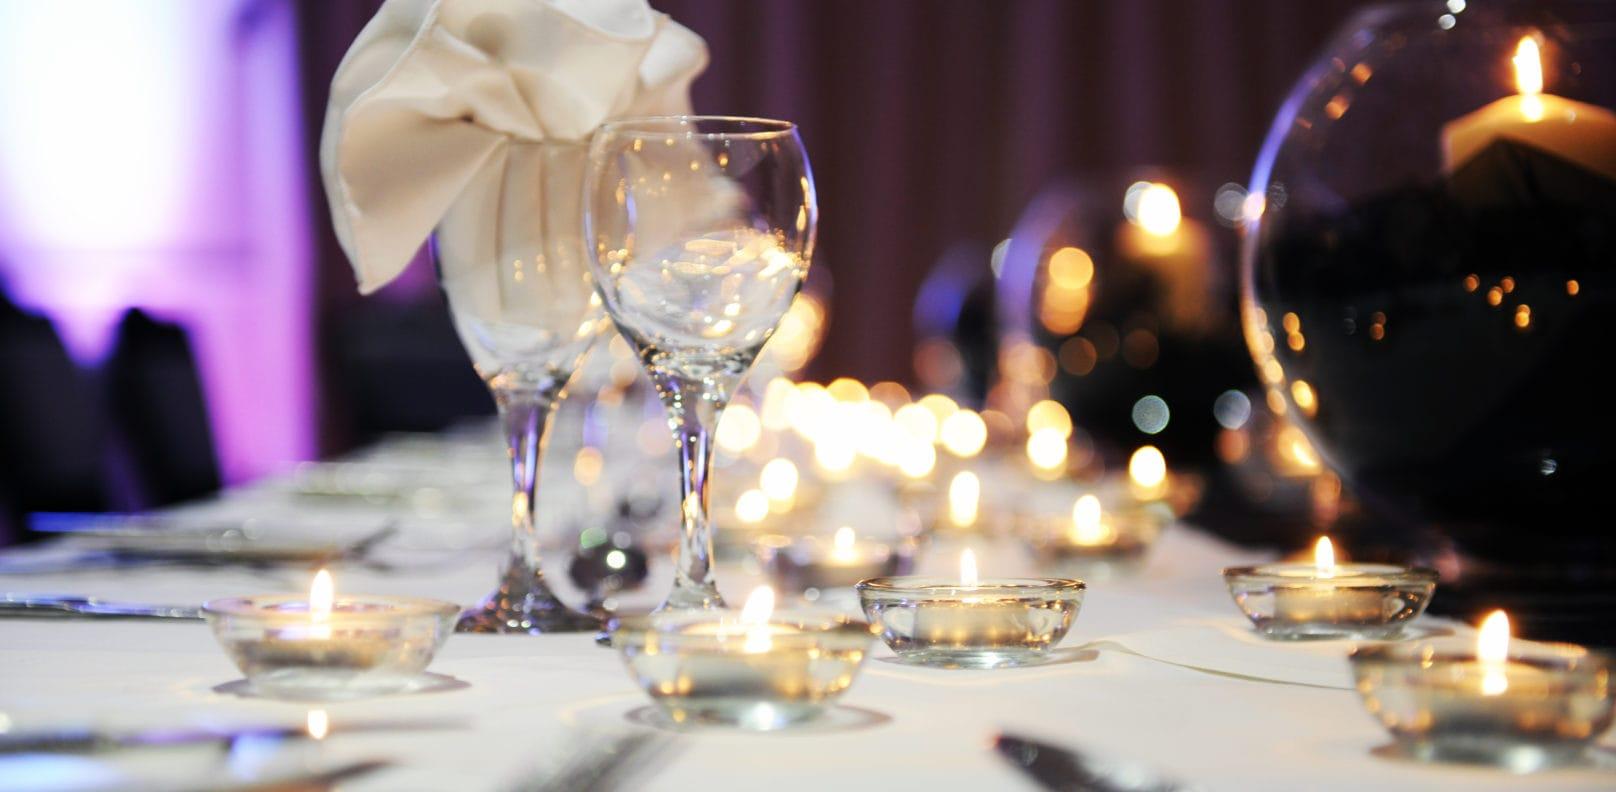 Gala Ball Table setting